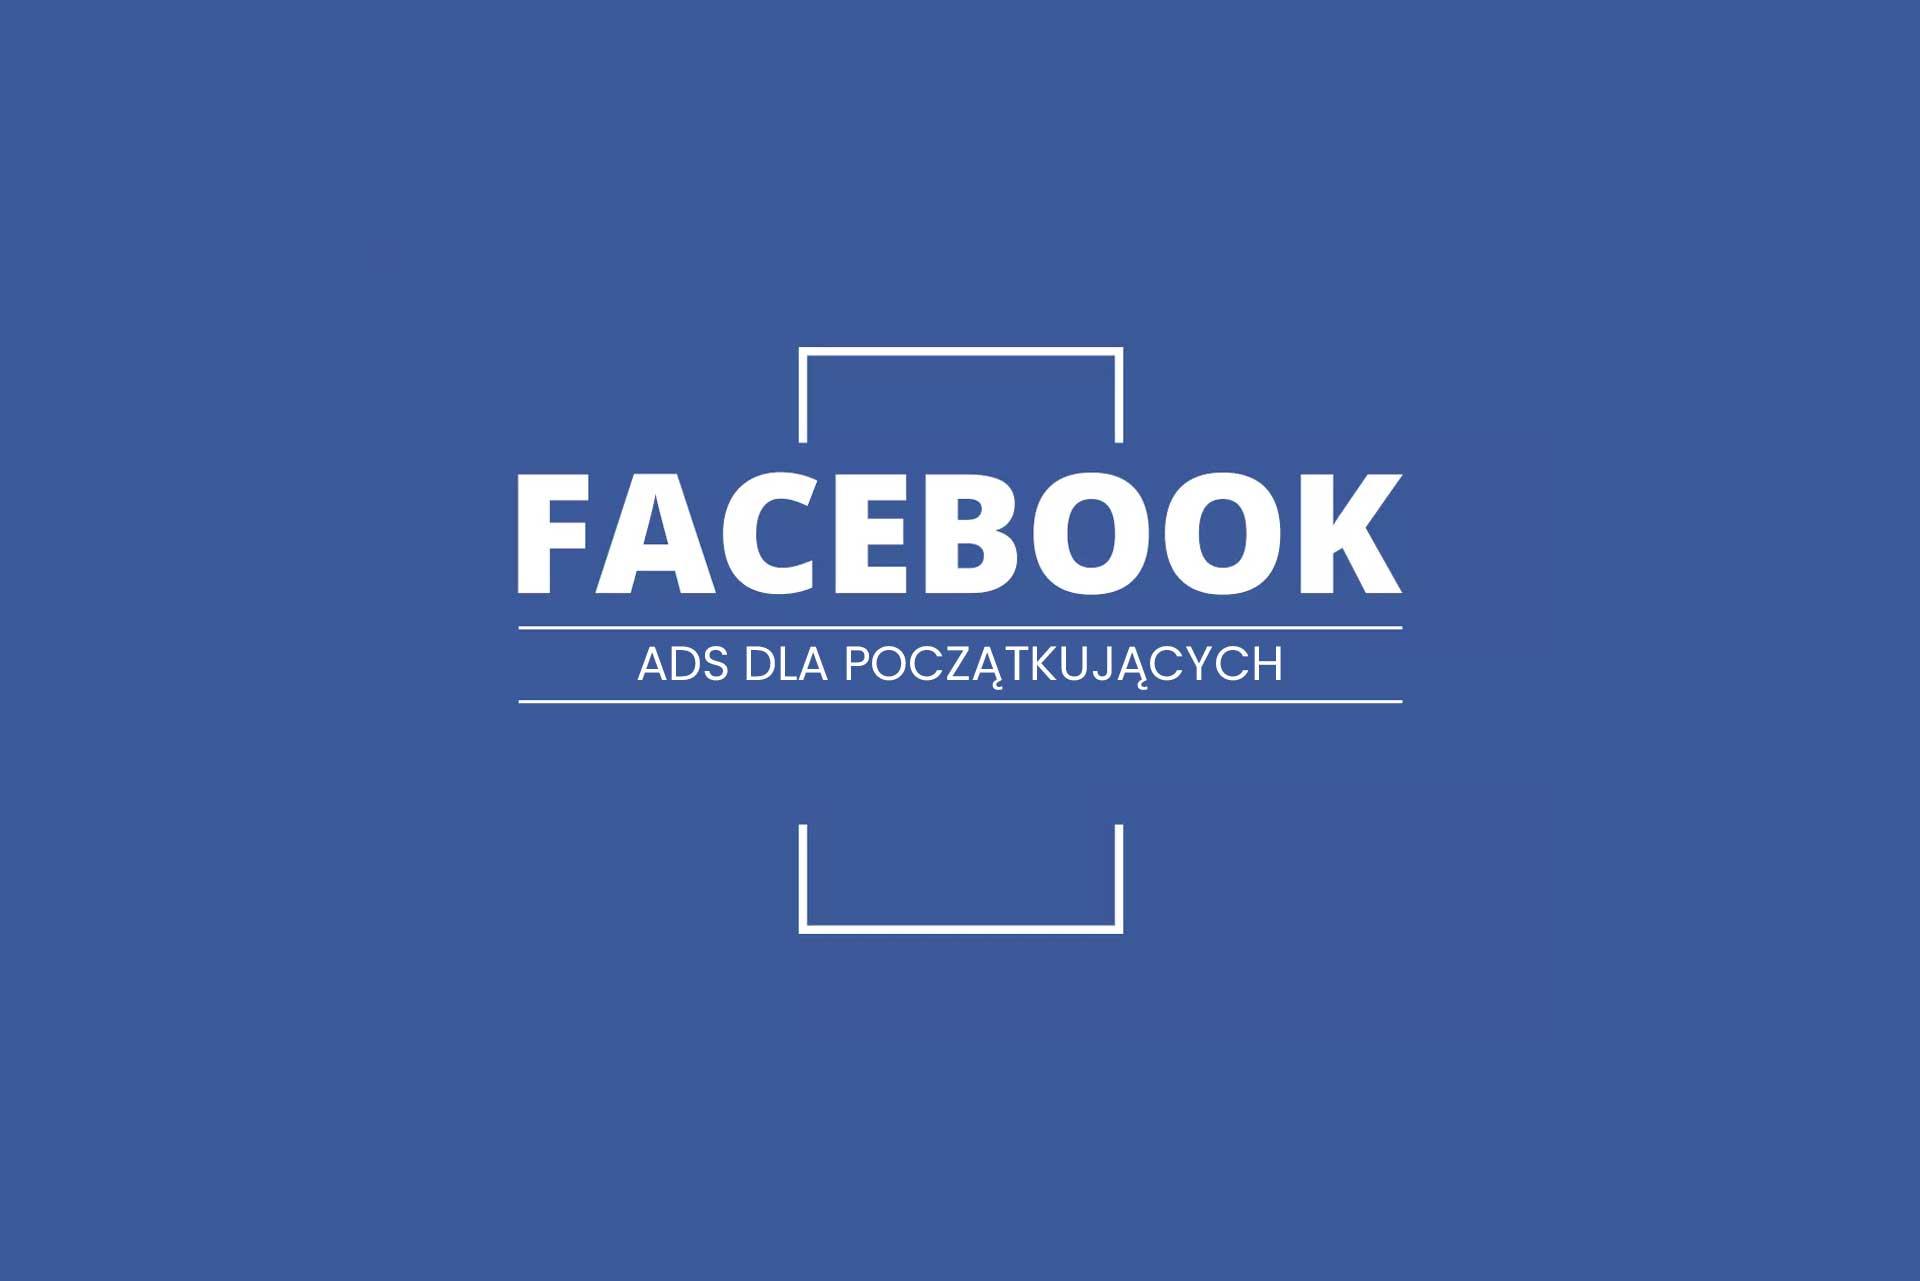 Facebook ADS dla początkujących